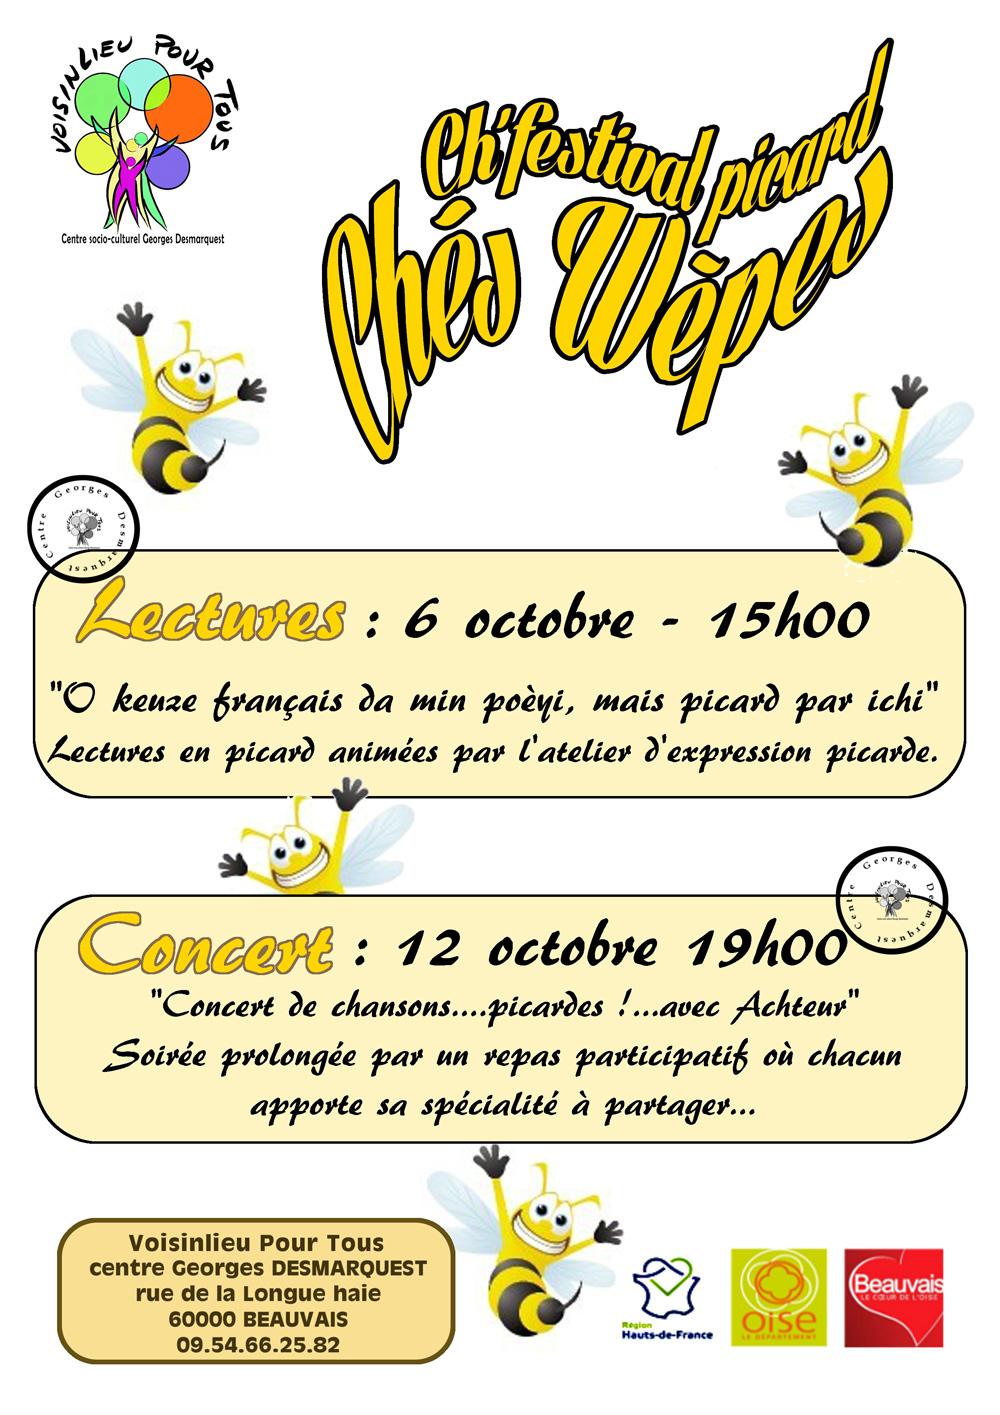 Affiche Chés Wèpes